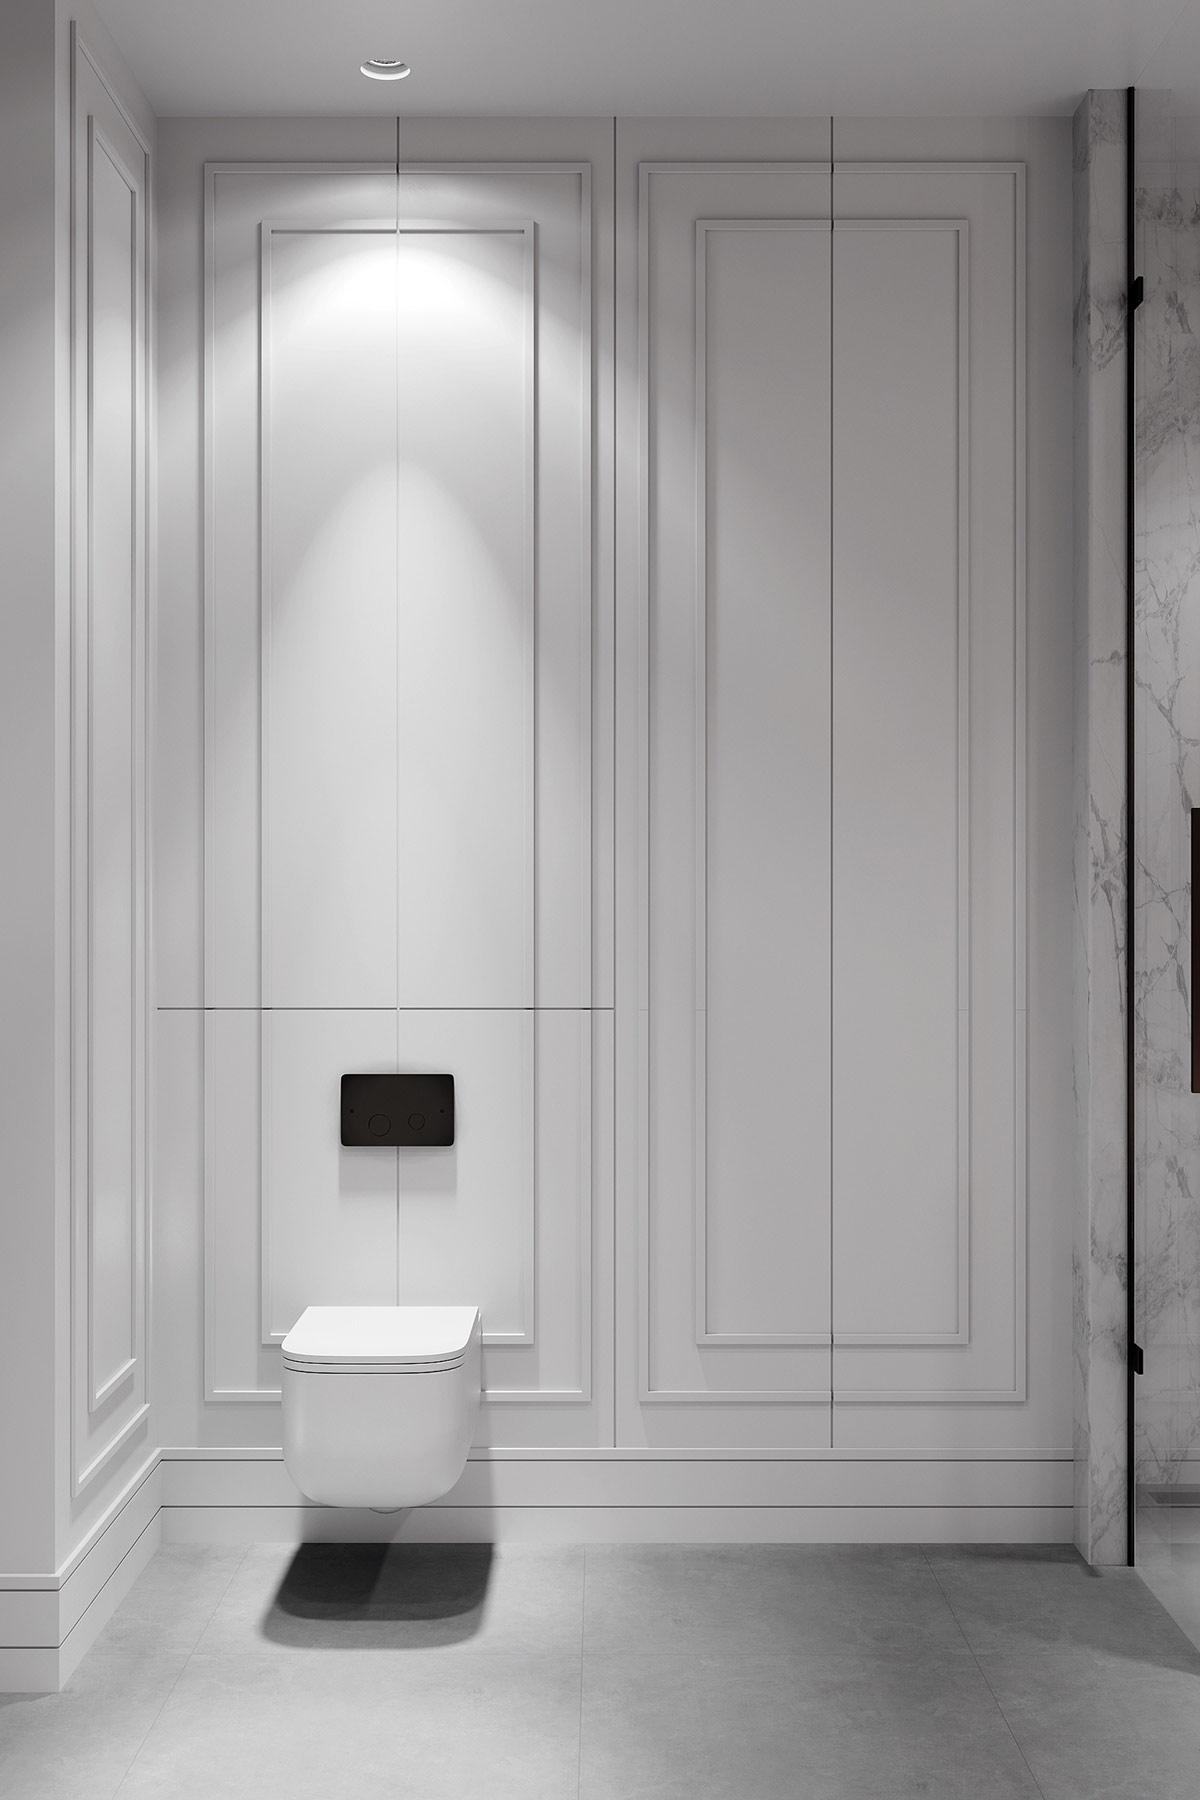 wall-hung-toilet-1